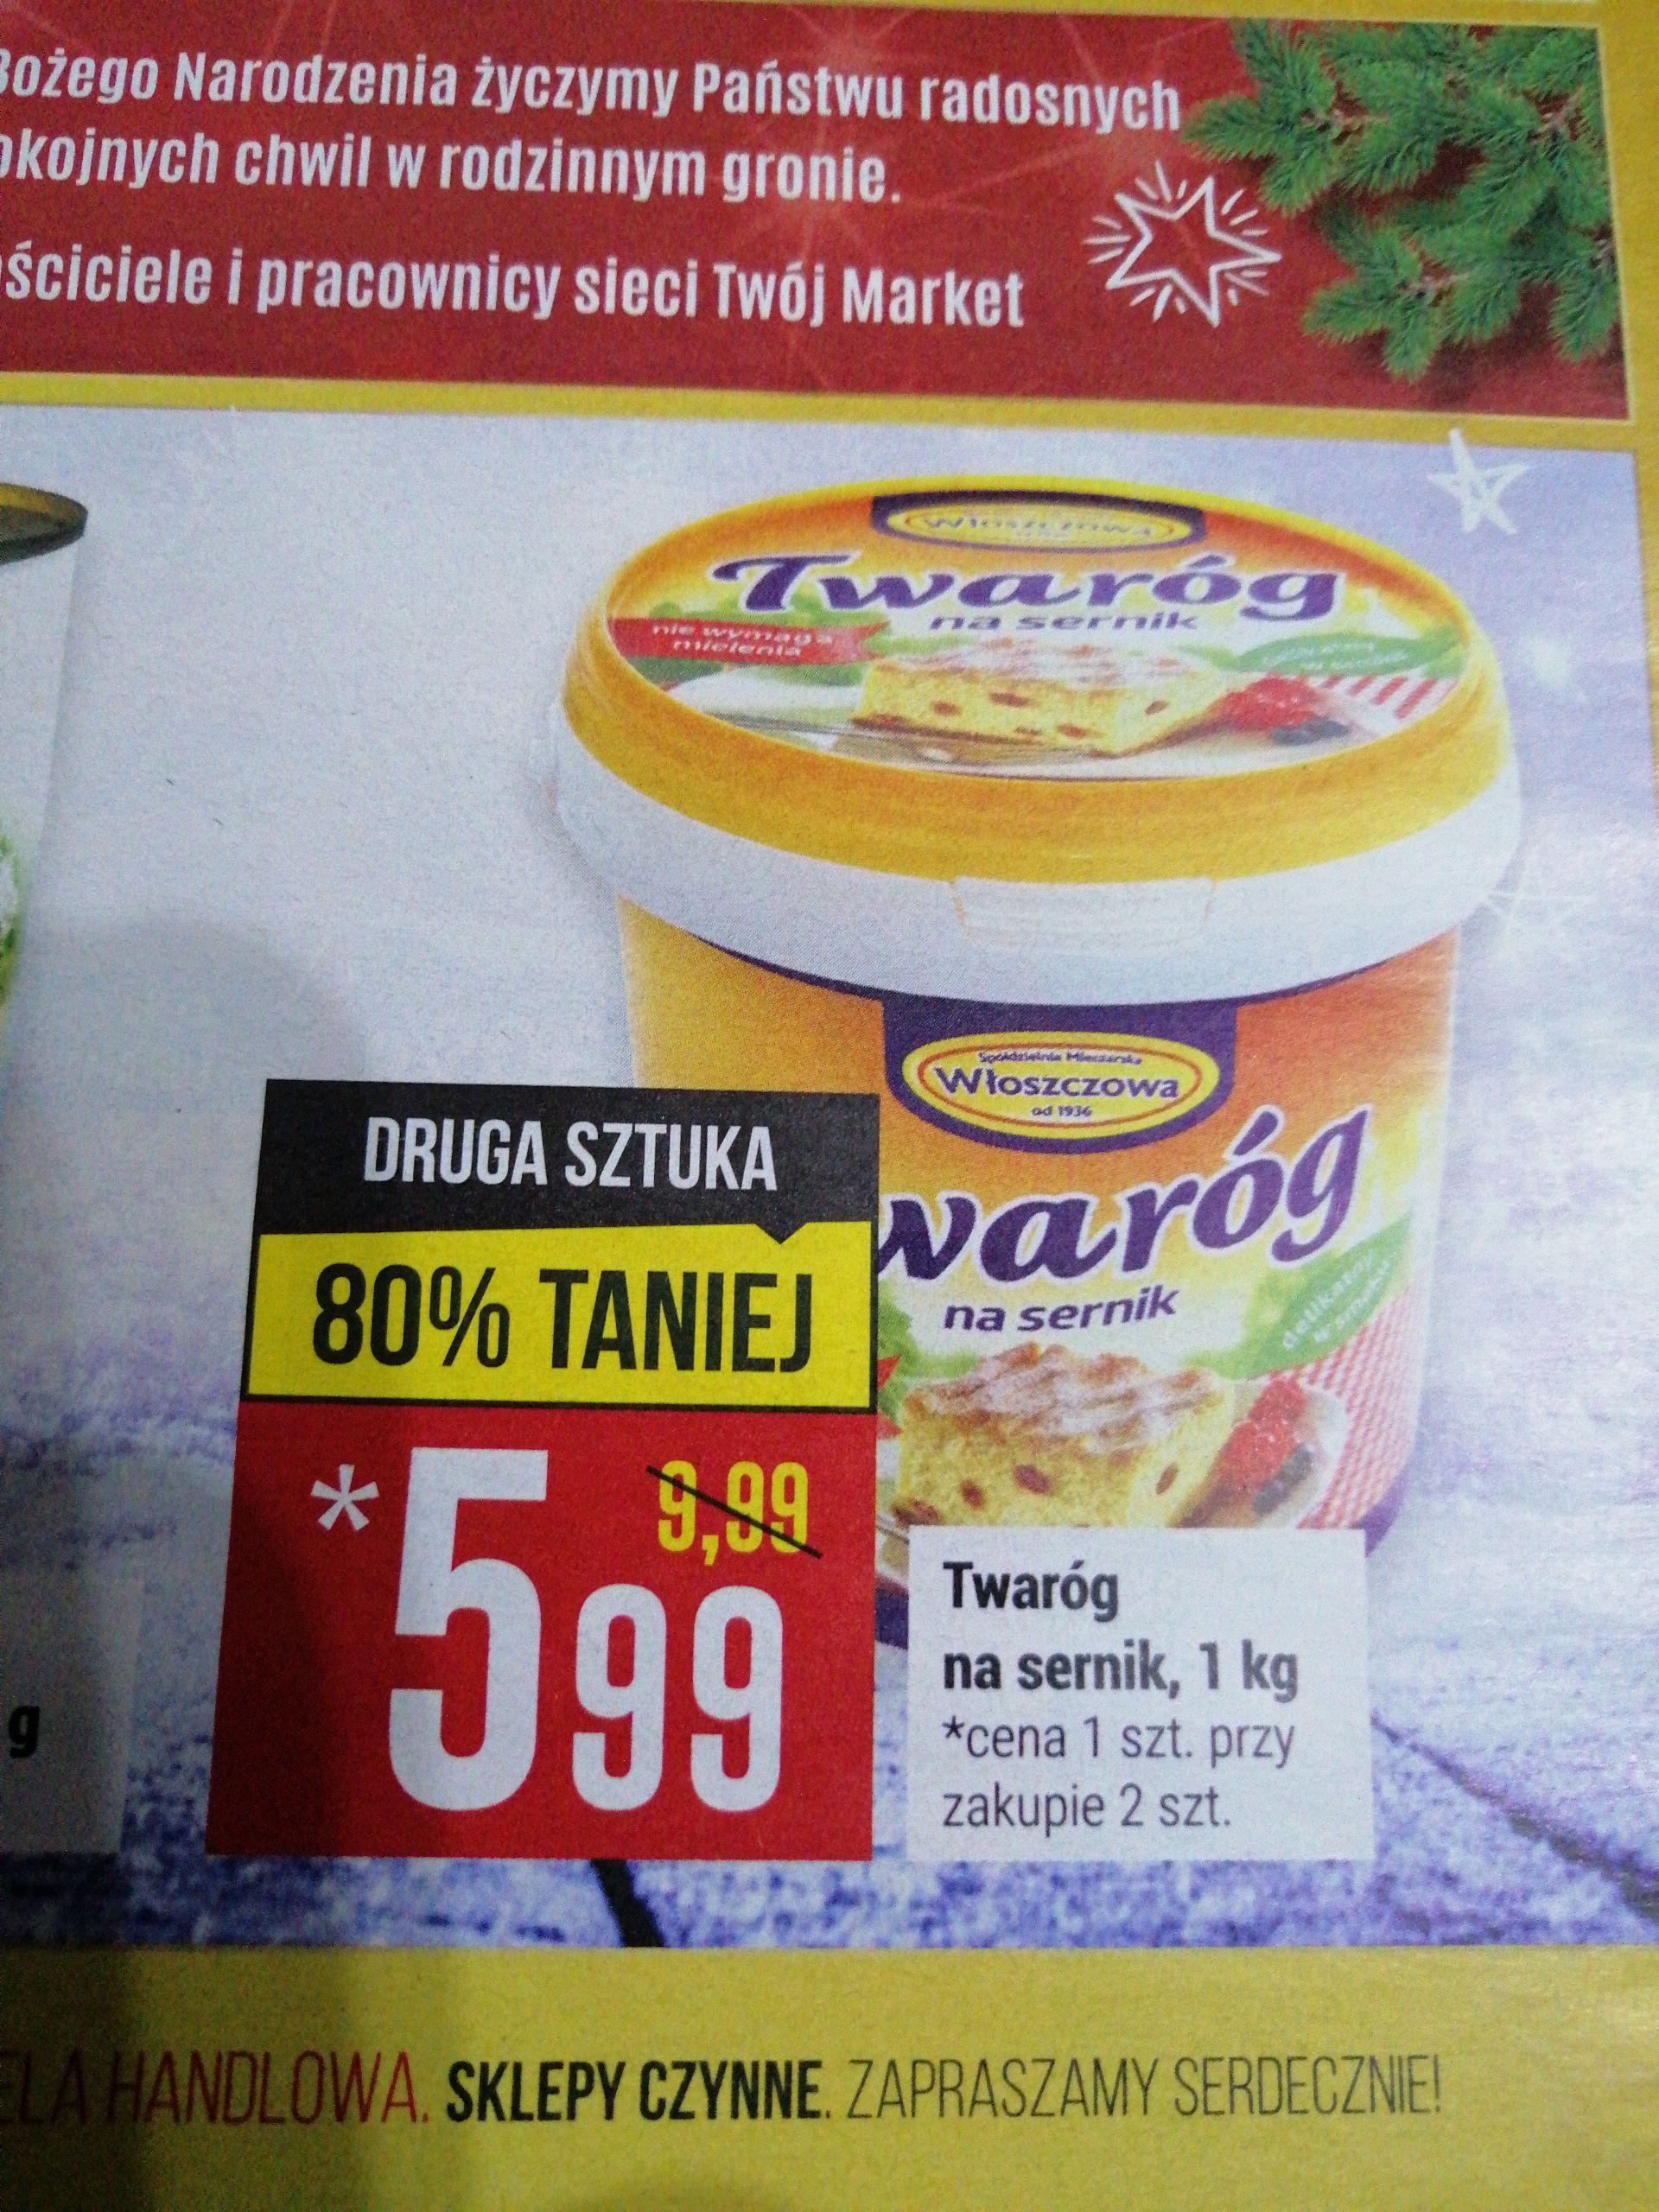 """Twaróg na sernik """"Włoszczowa"""" druga sztuka 80% taniej - Twój Market"""